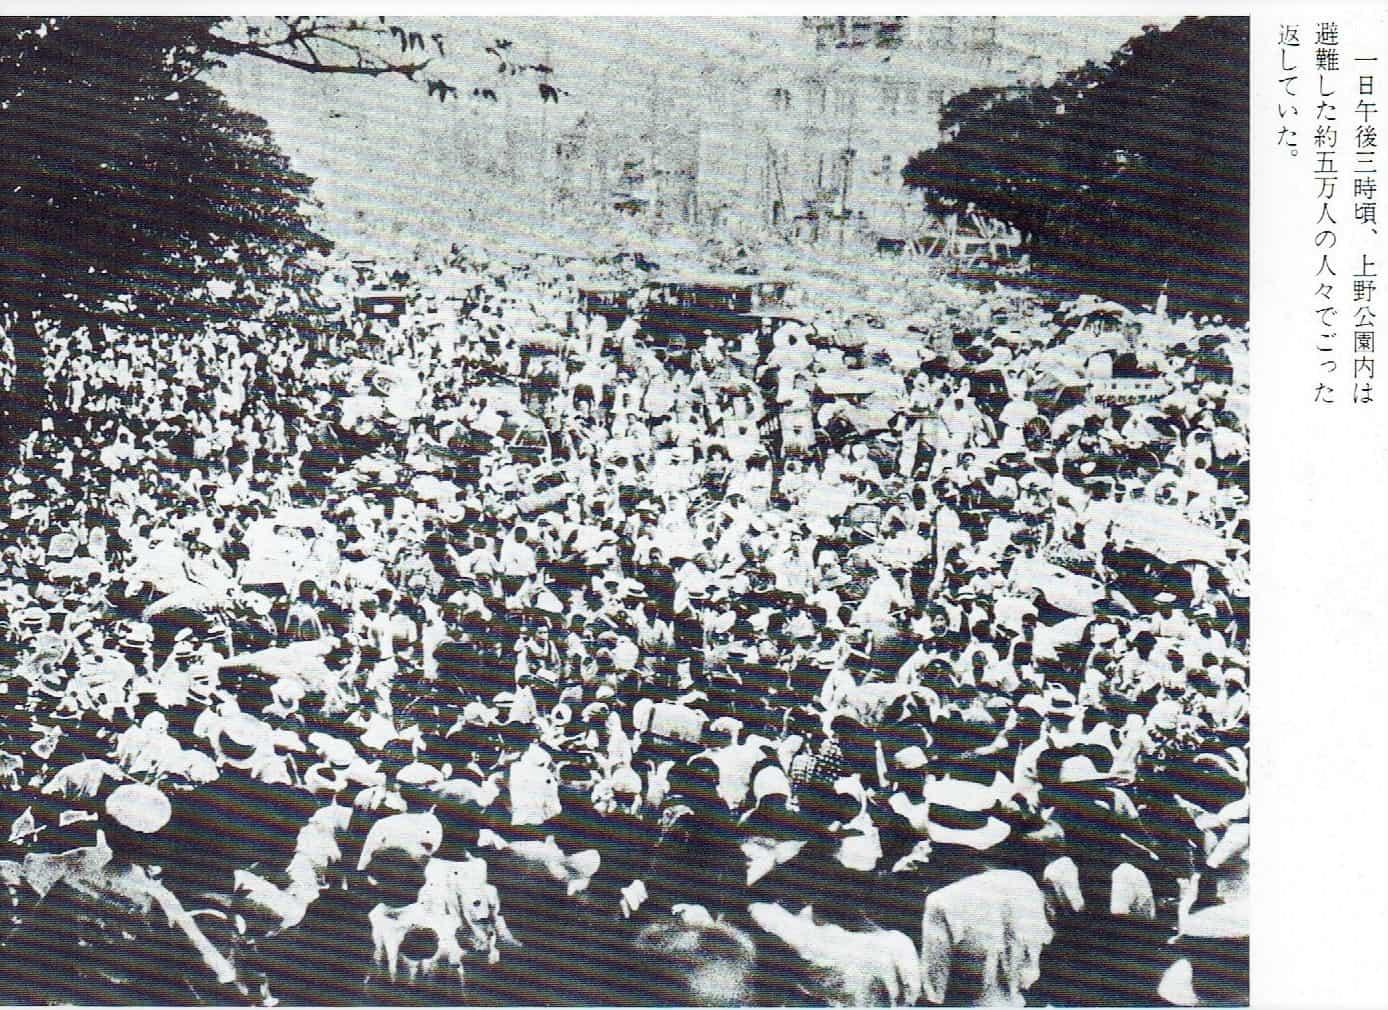 9月1日午後3時頃の上野公園。避難民は約50,000人とされています。